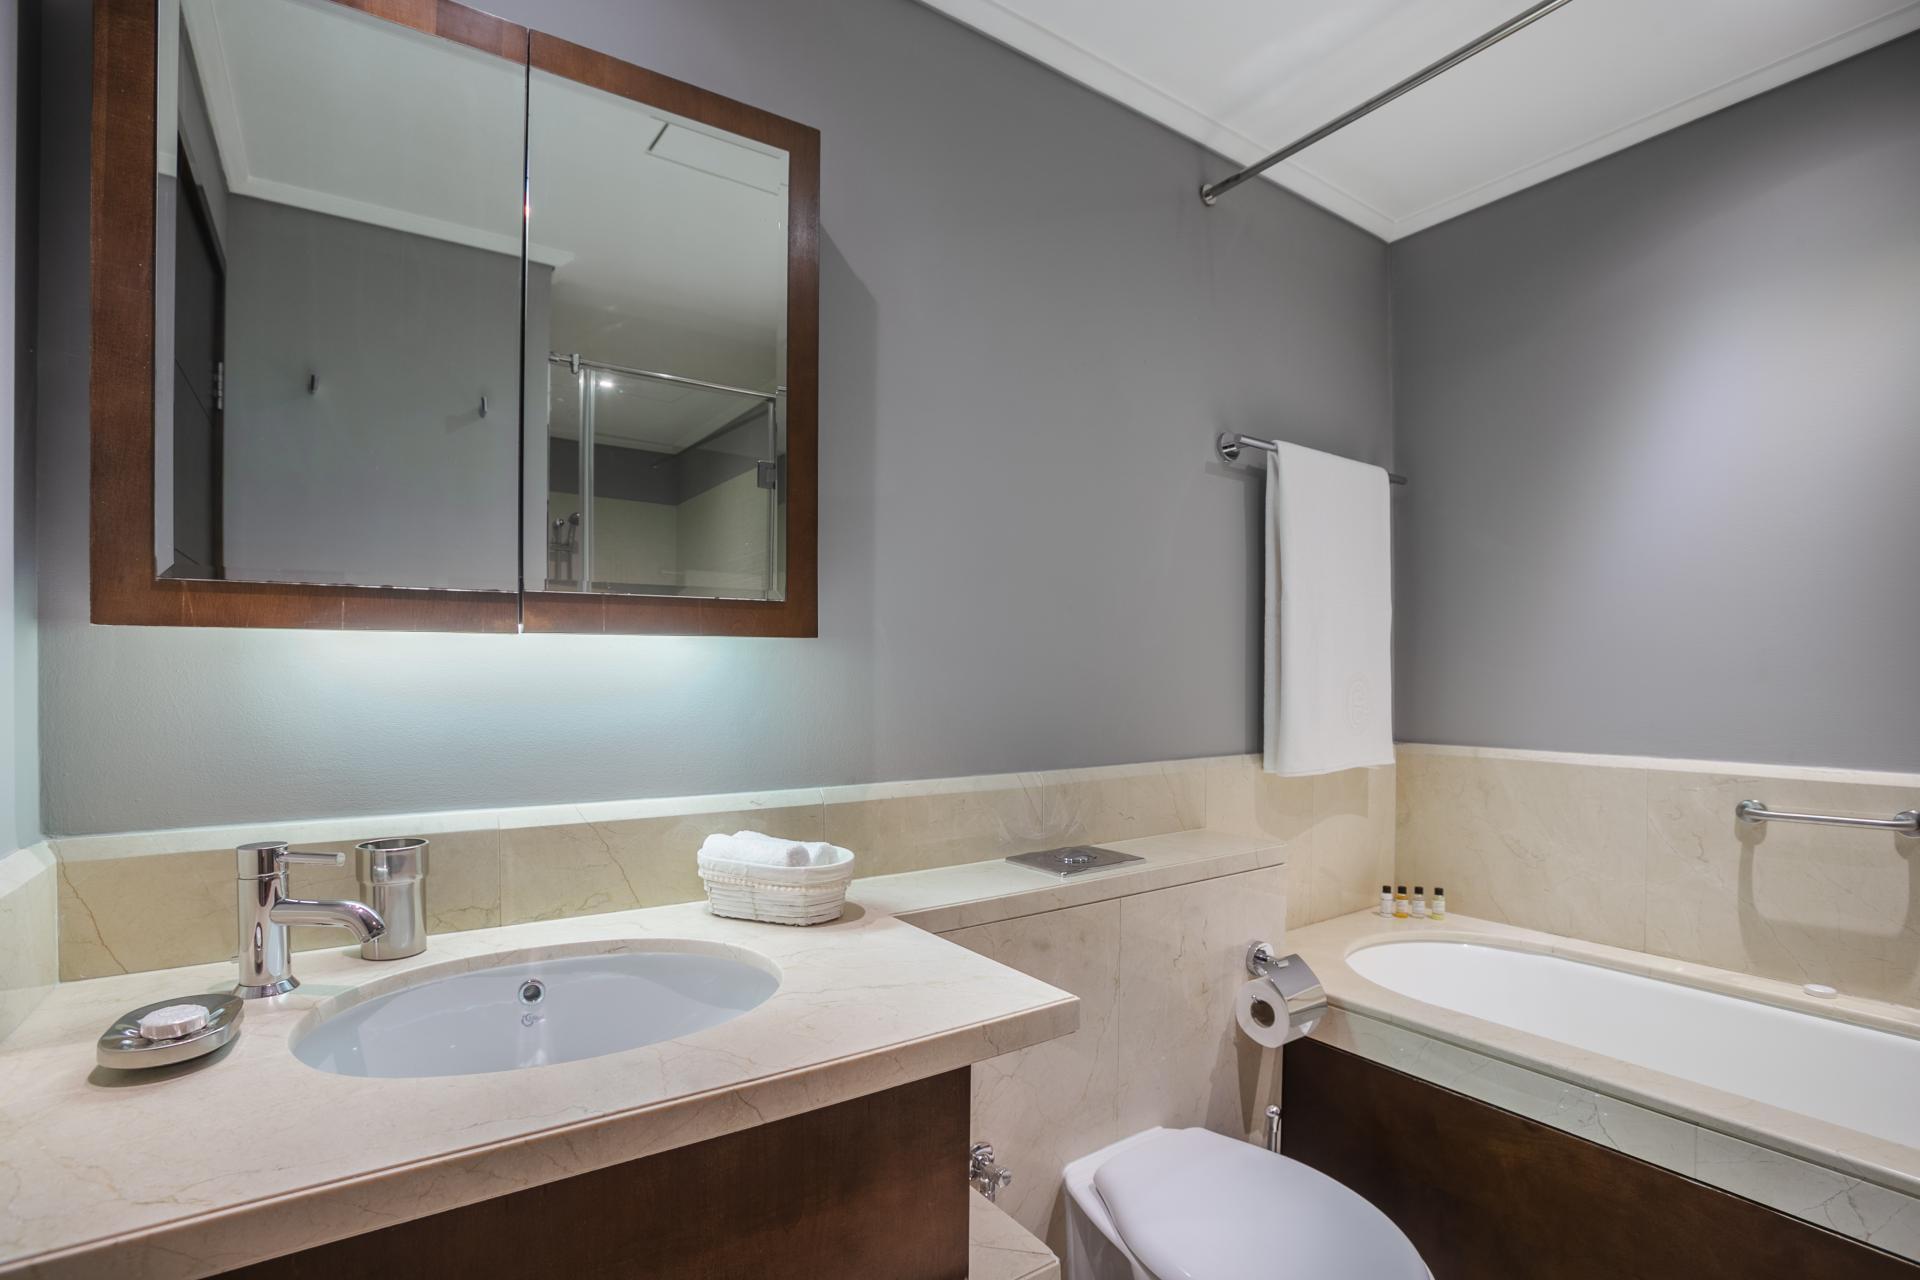 Bathroom at South Ridge Apartment, Financial District, Dubai